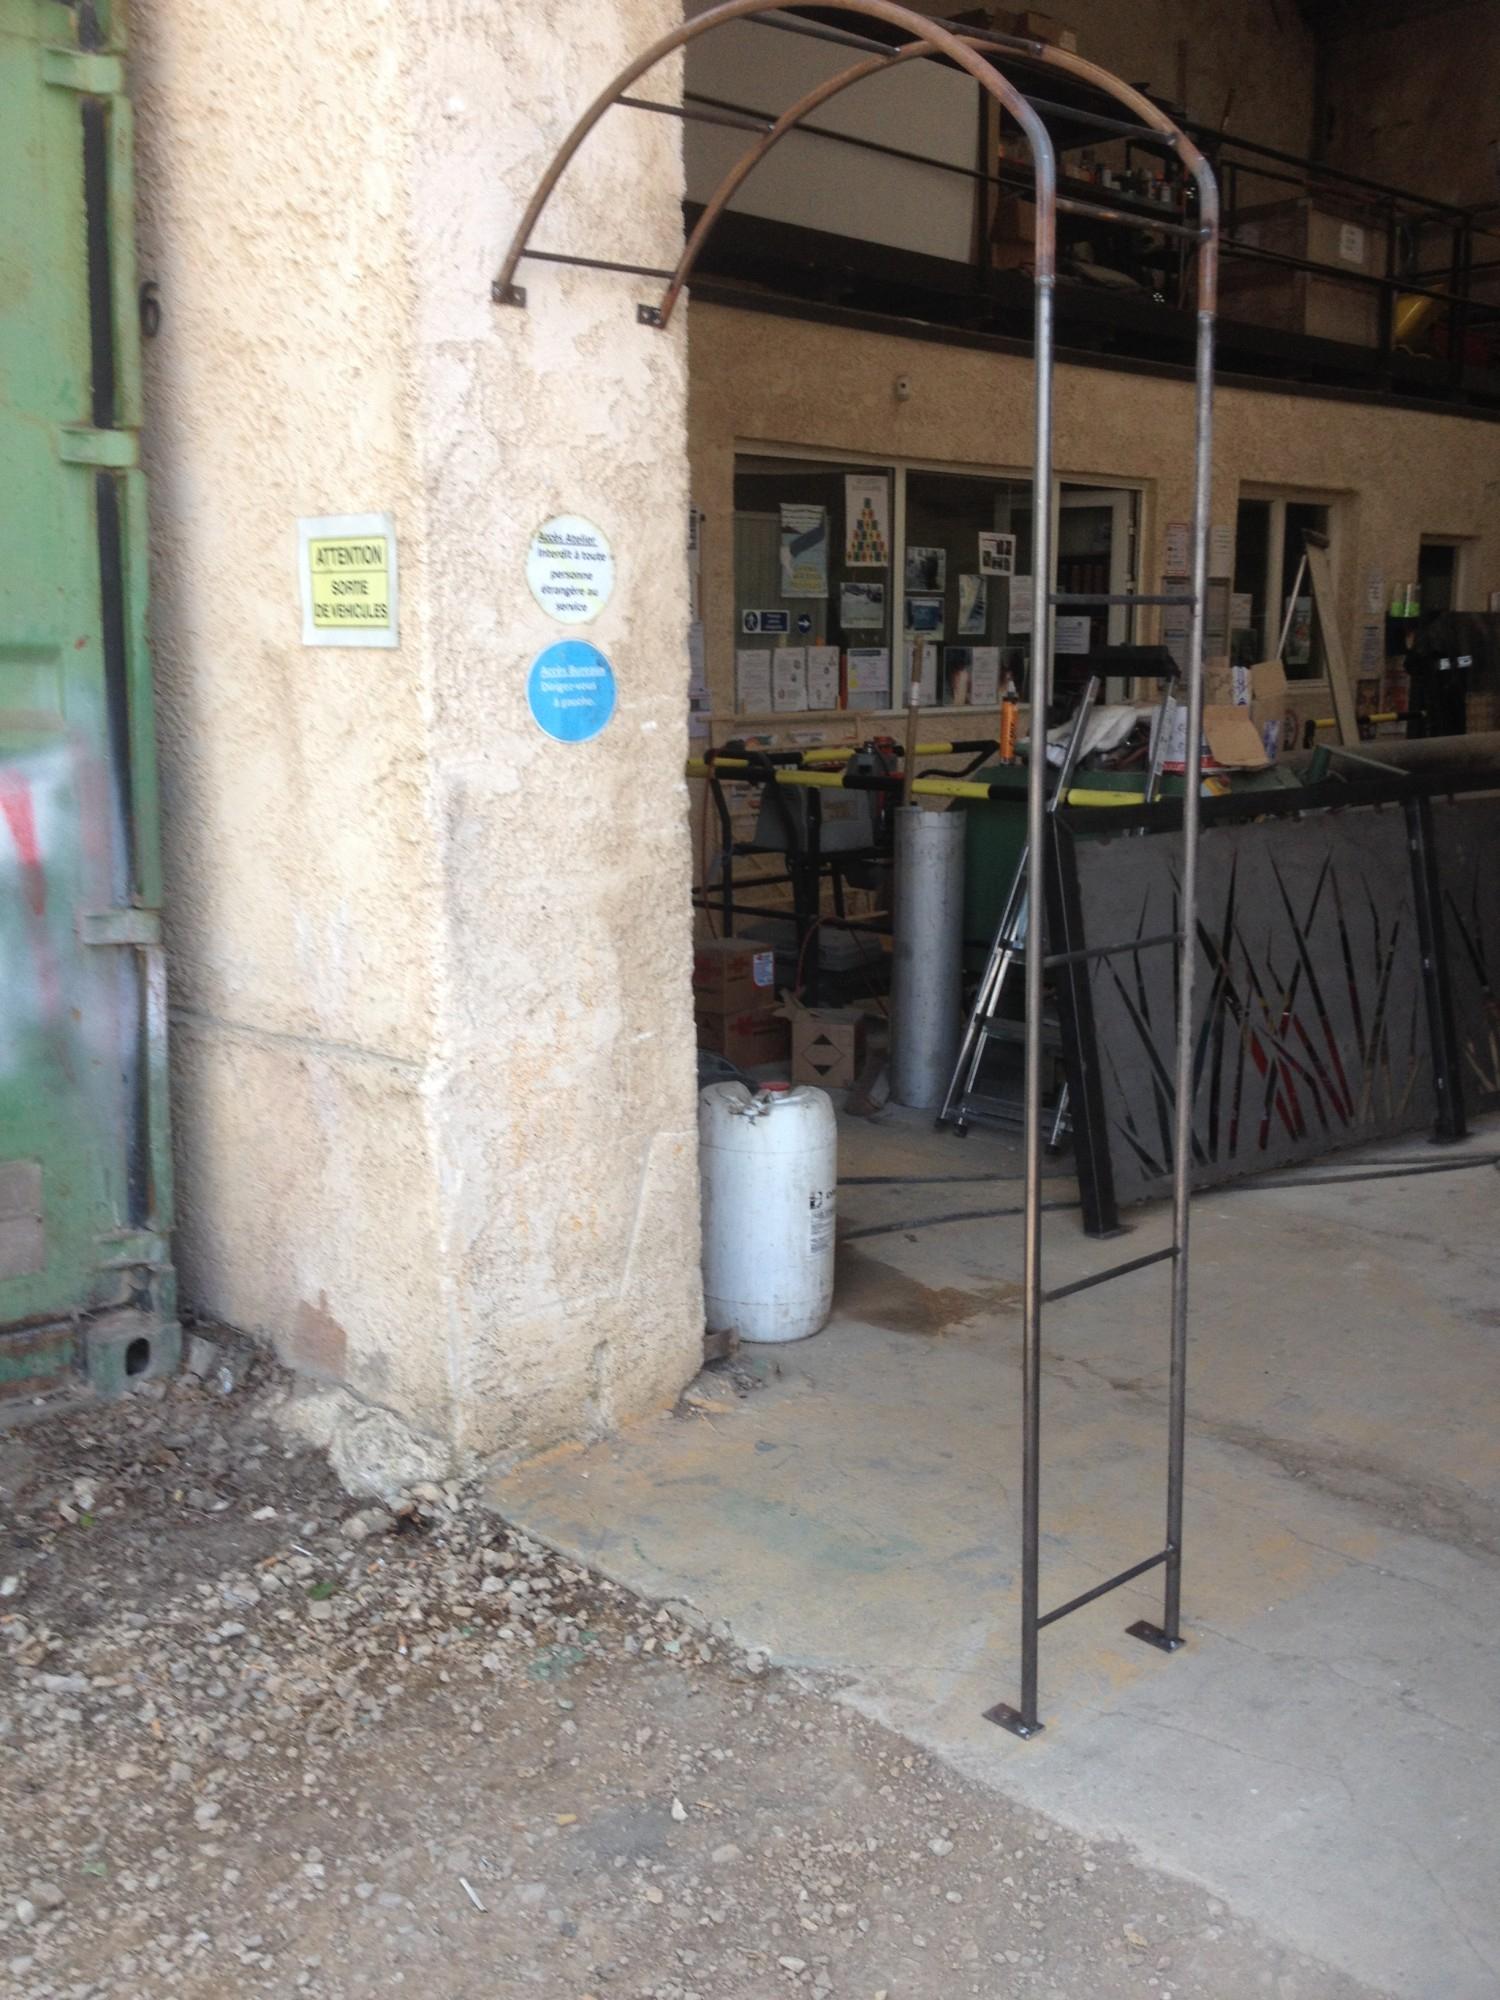 Arche De Jardin En Fer Forge A Martigues Fabrique Sur Mesure ... dedans Arche En Fer Forgé Pour Jardin